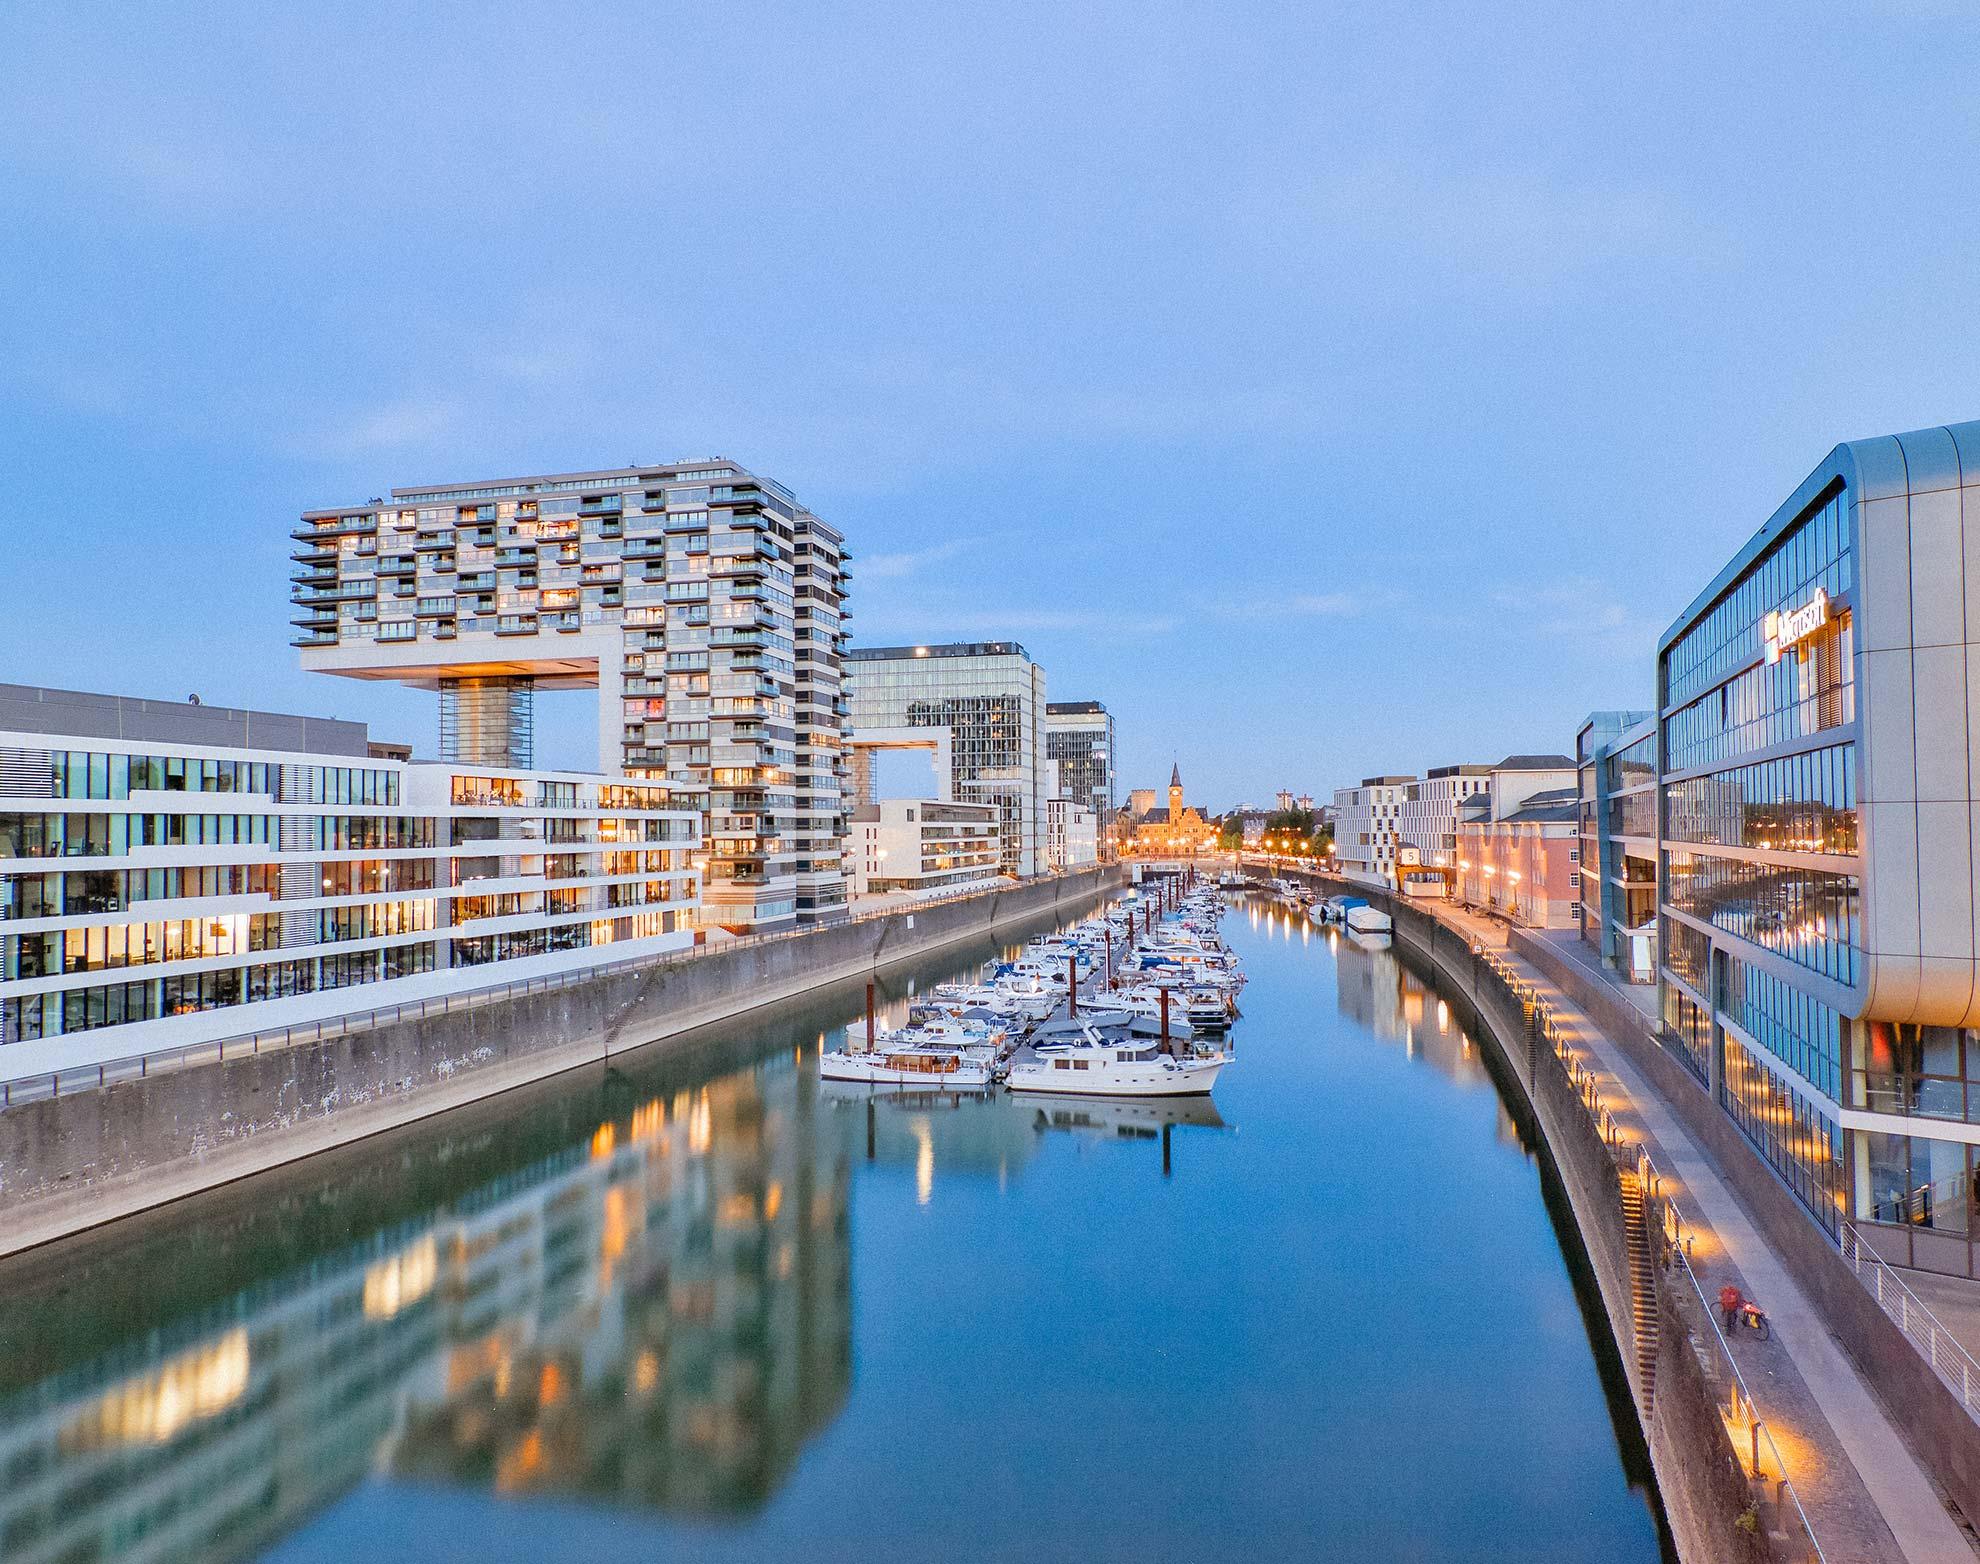 Wohnmobil mieten in Köln jetzt online und flexibel